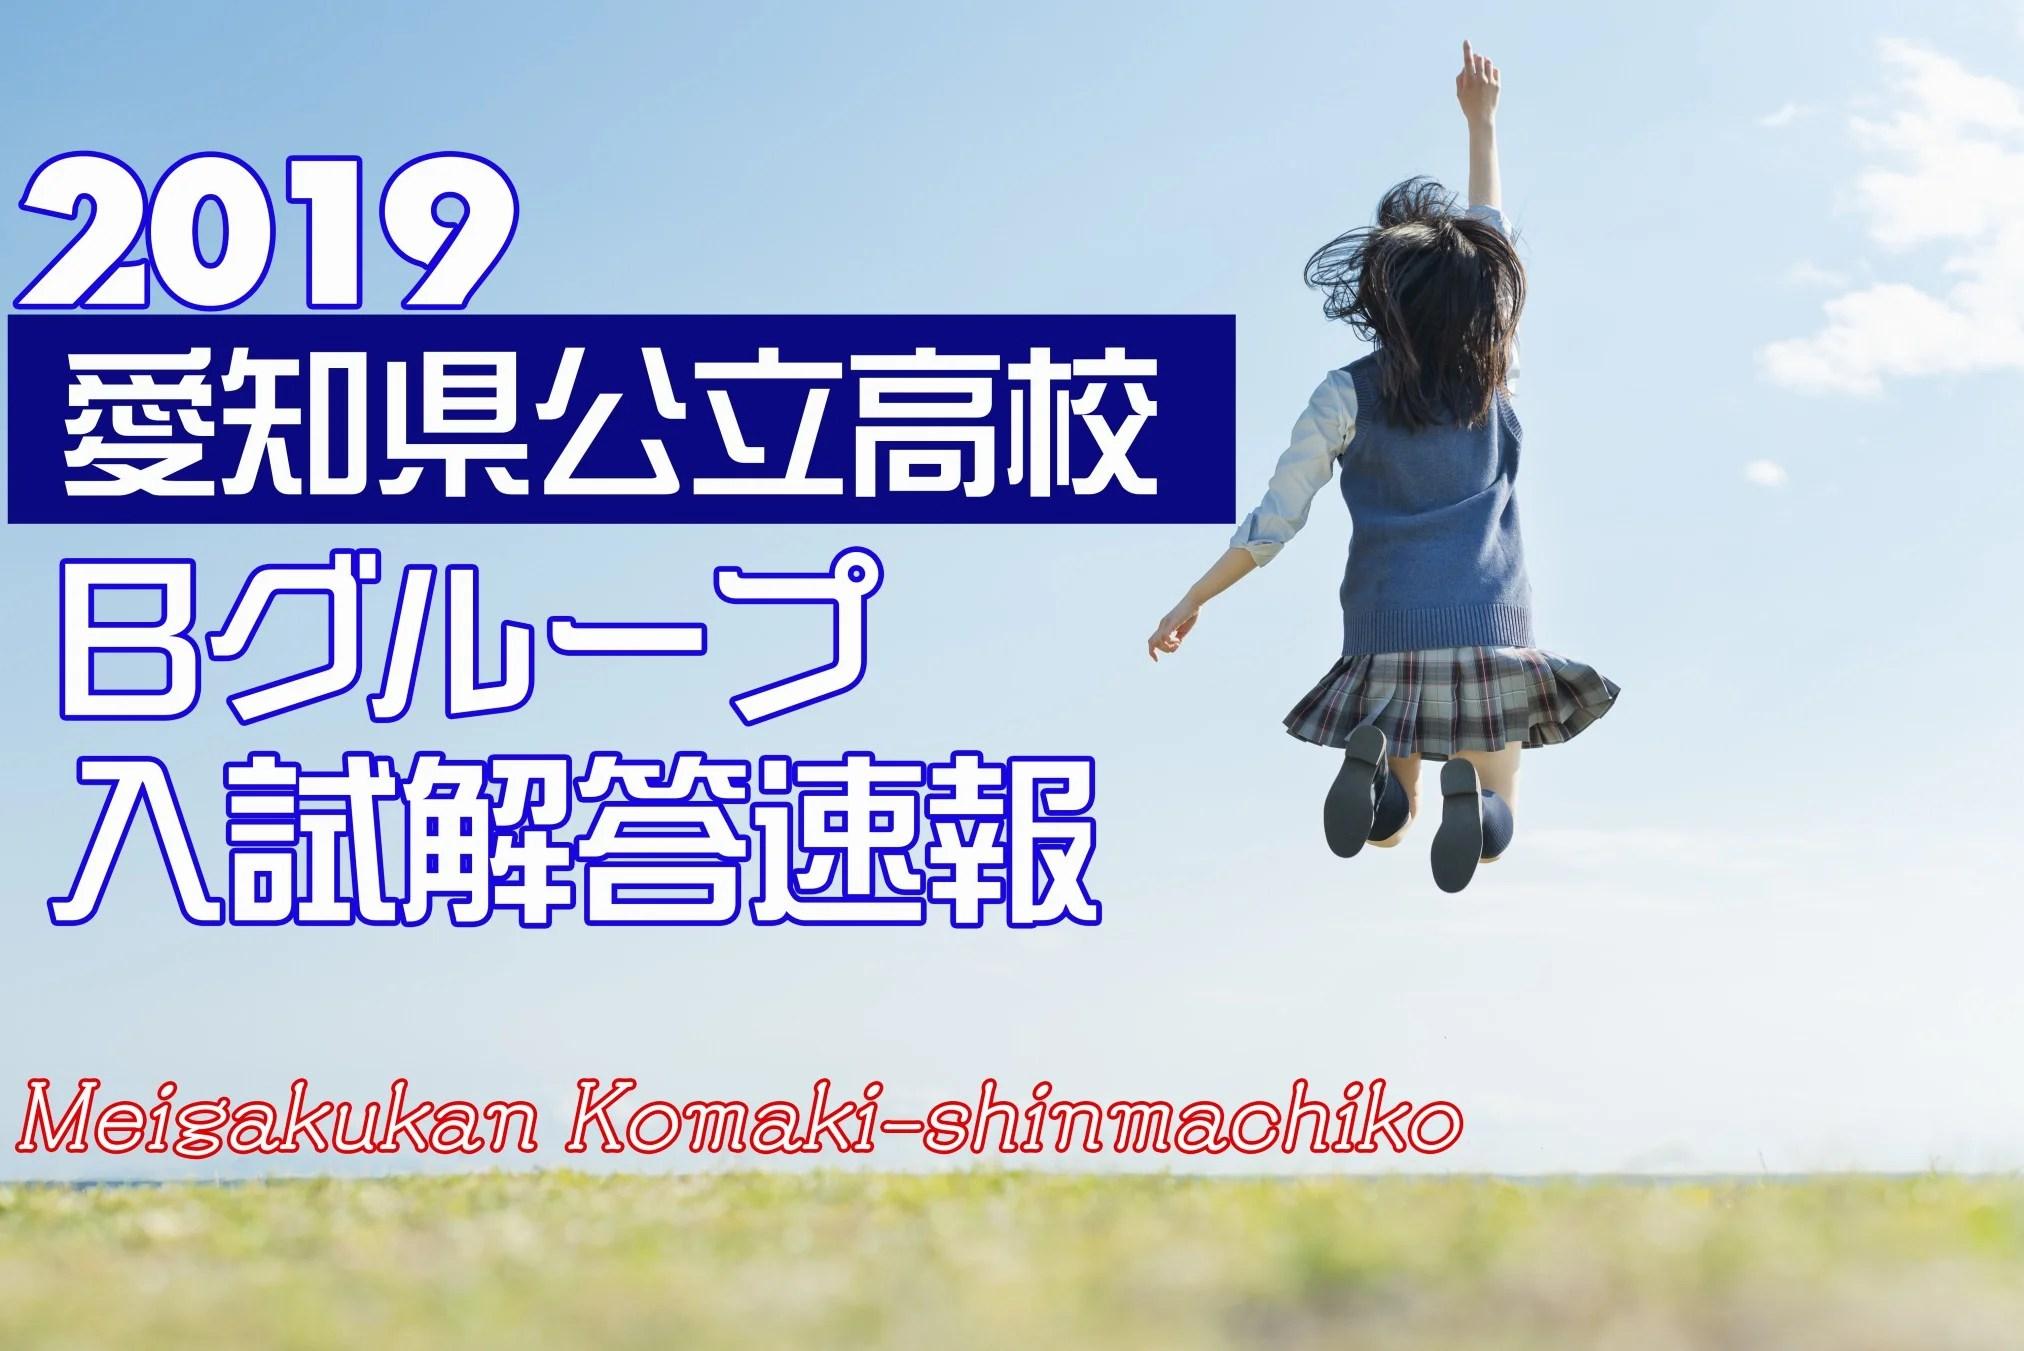 愛知県公立高校 入試解答速報 B愛知県公立高校 入試解答速報 B